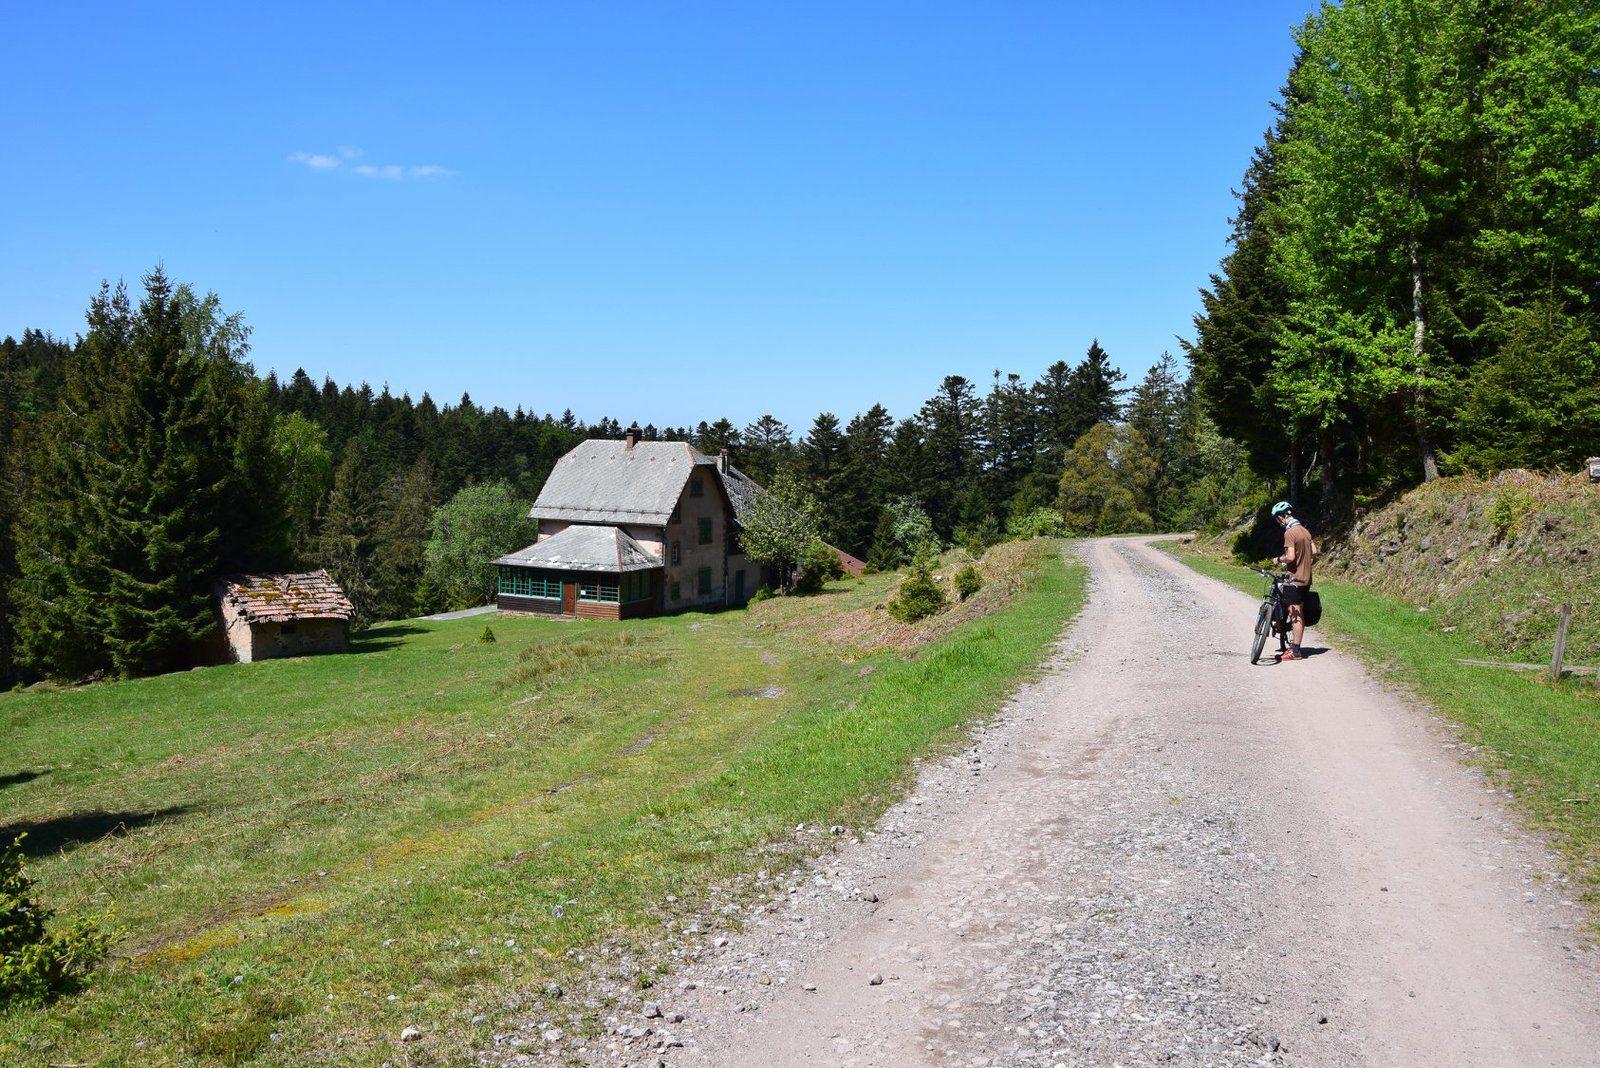 La maison forestière du Grossmann